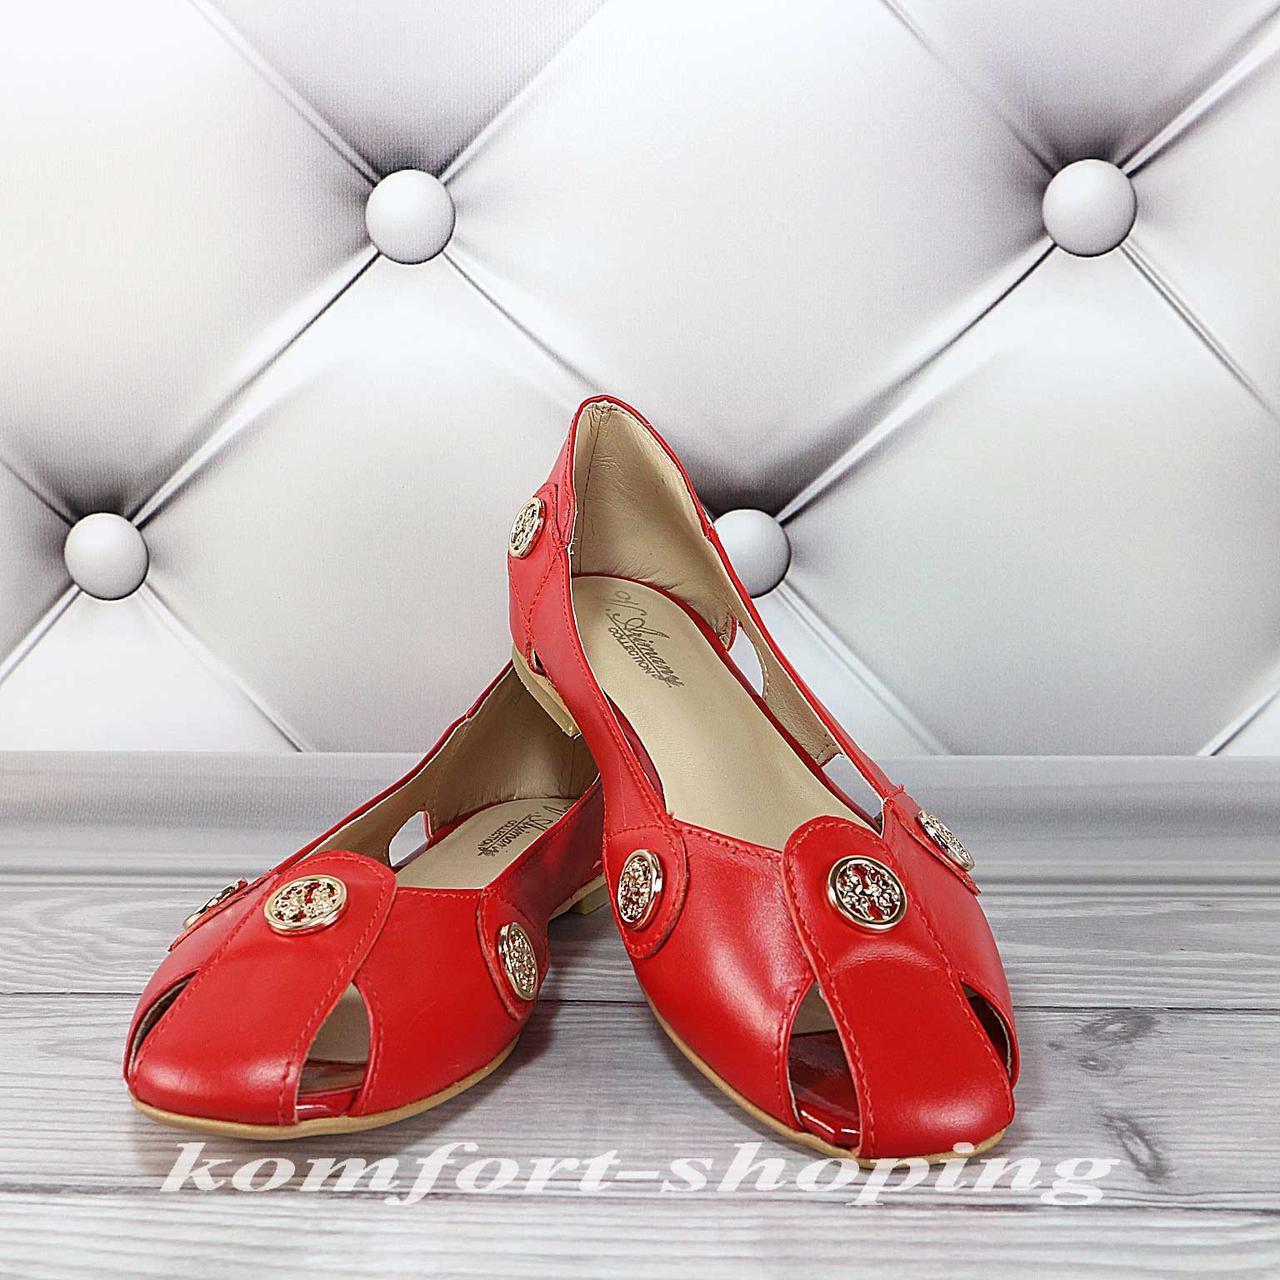 Женские босоножки кожаные, красные V 1243